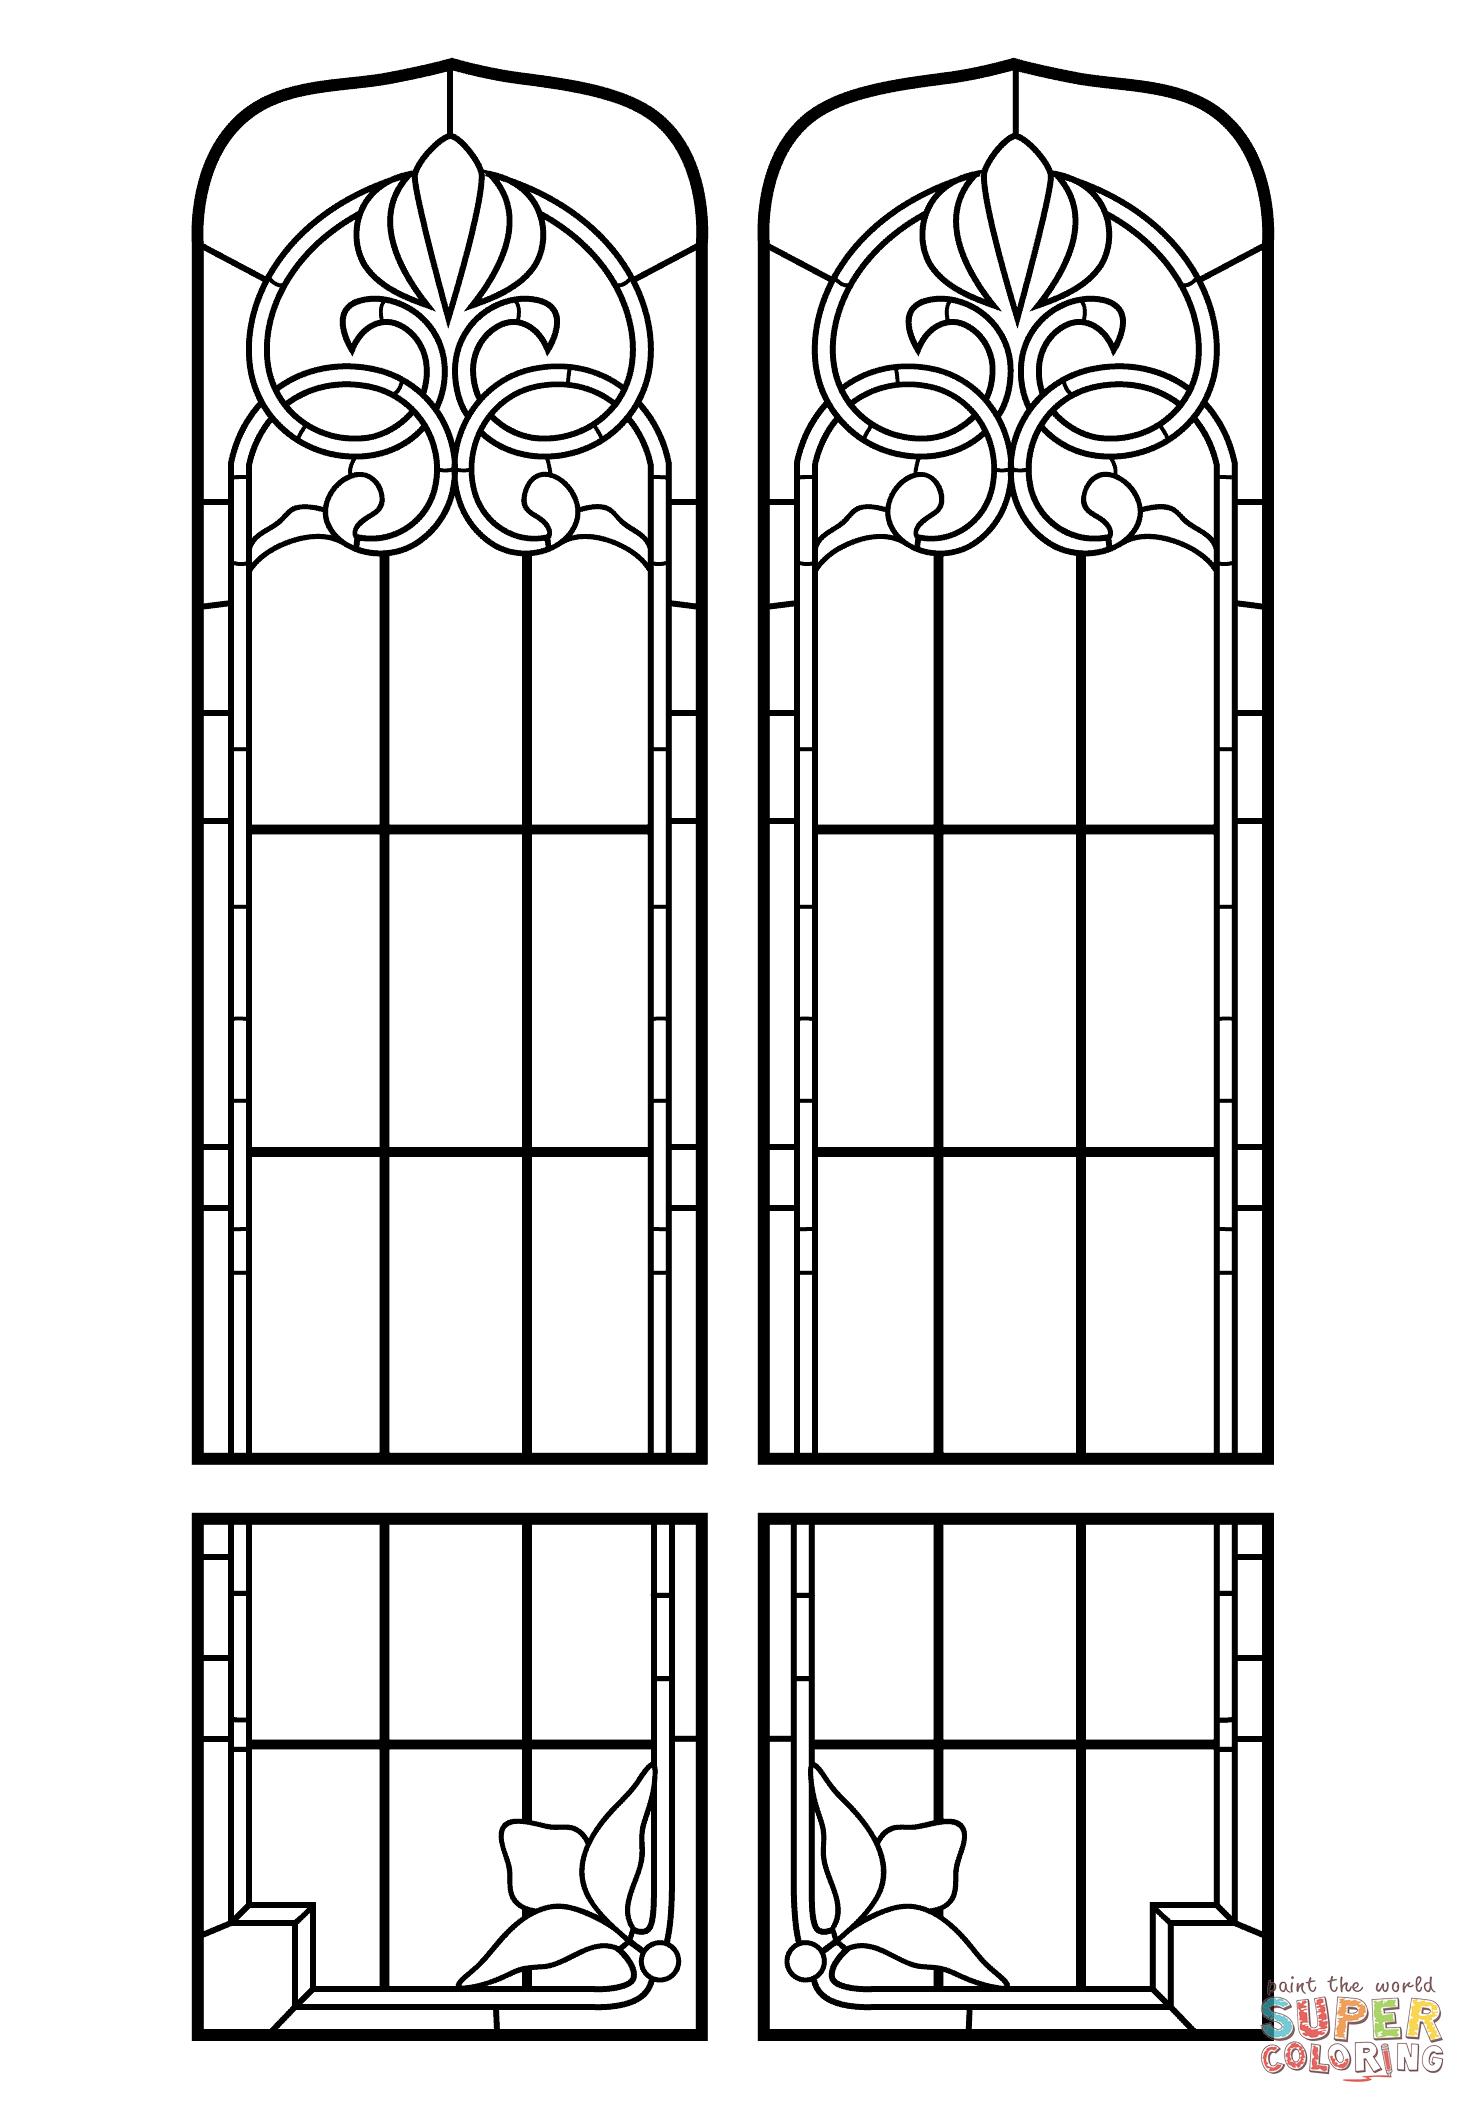 Ausmalbild: Kirchenfenster Glasmalerei | Ausmalbilder bei Kirchenfenster Malvorlage